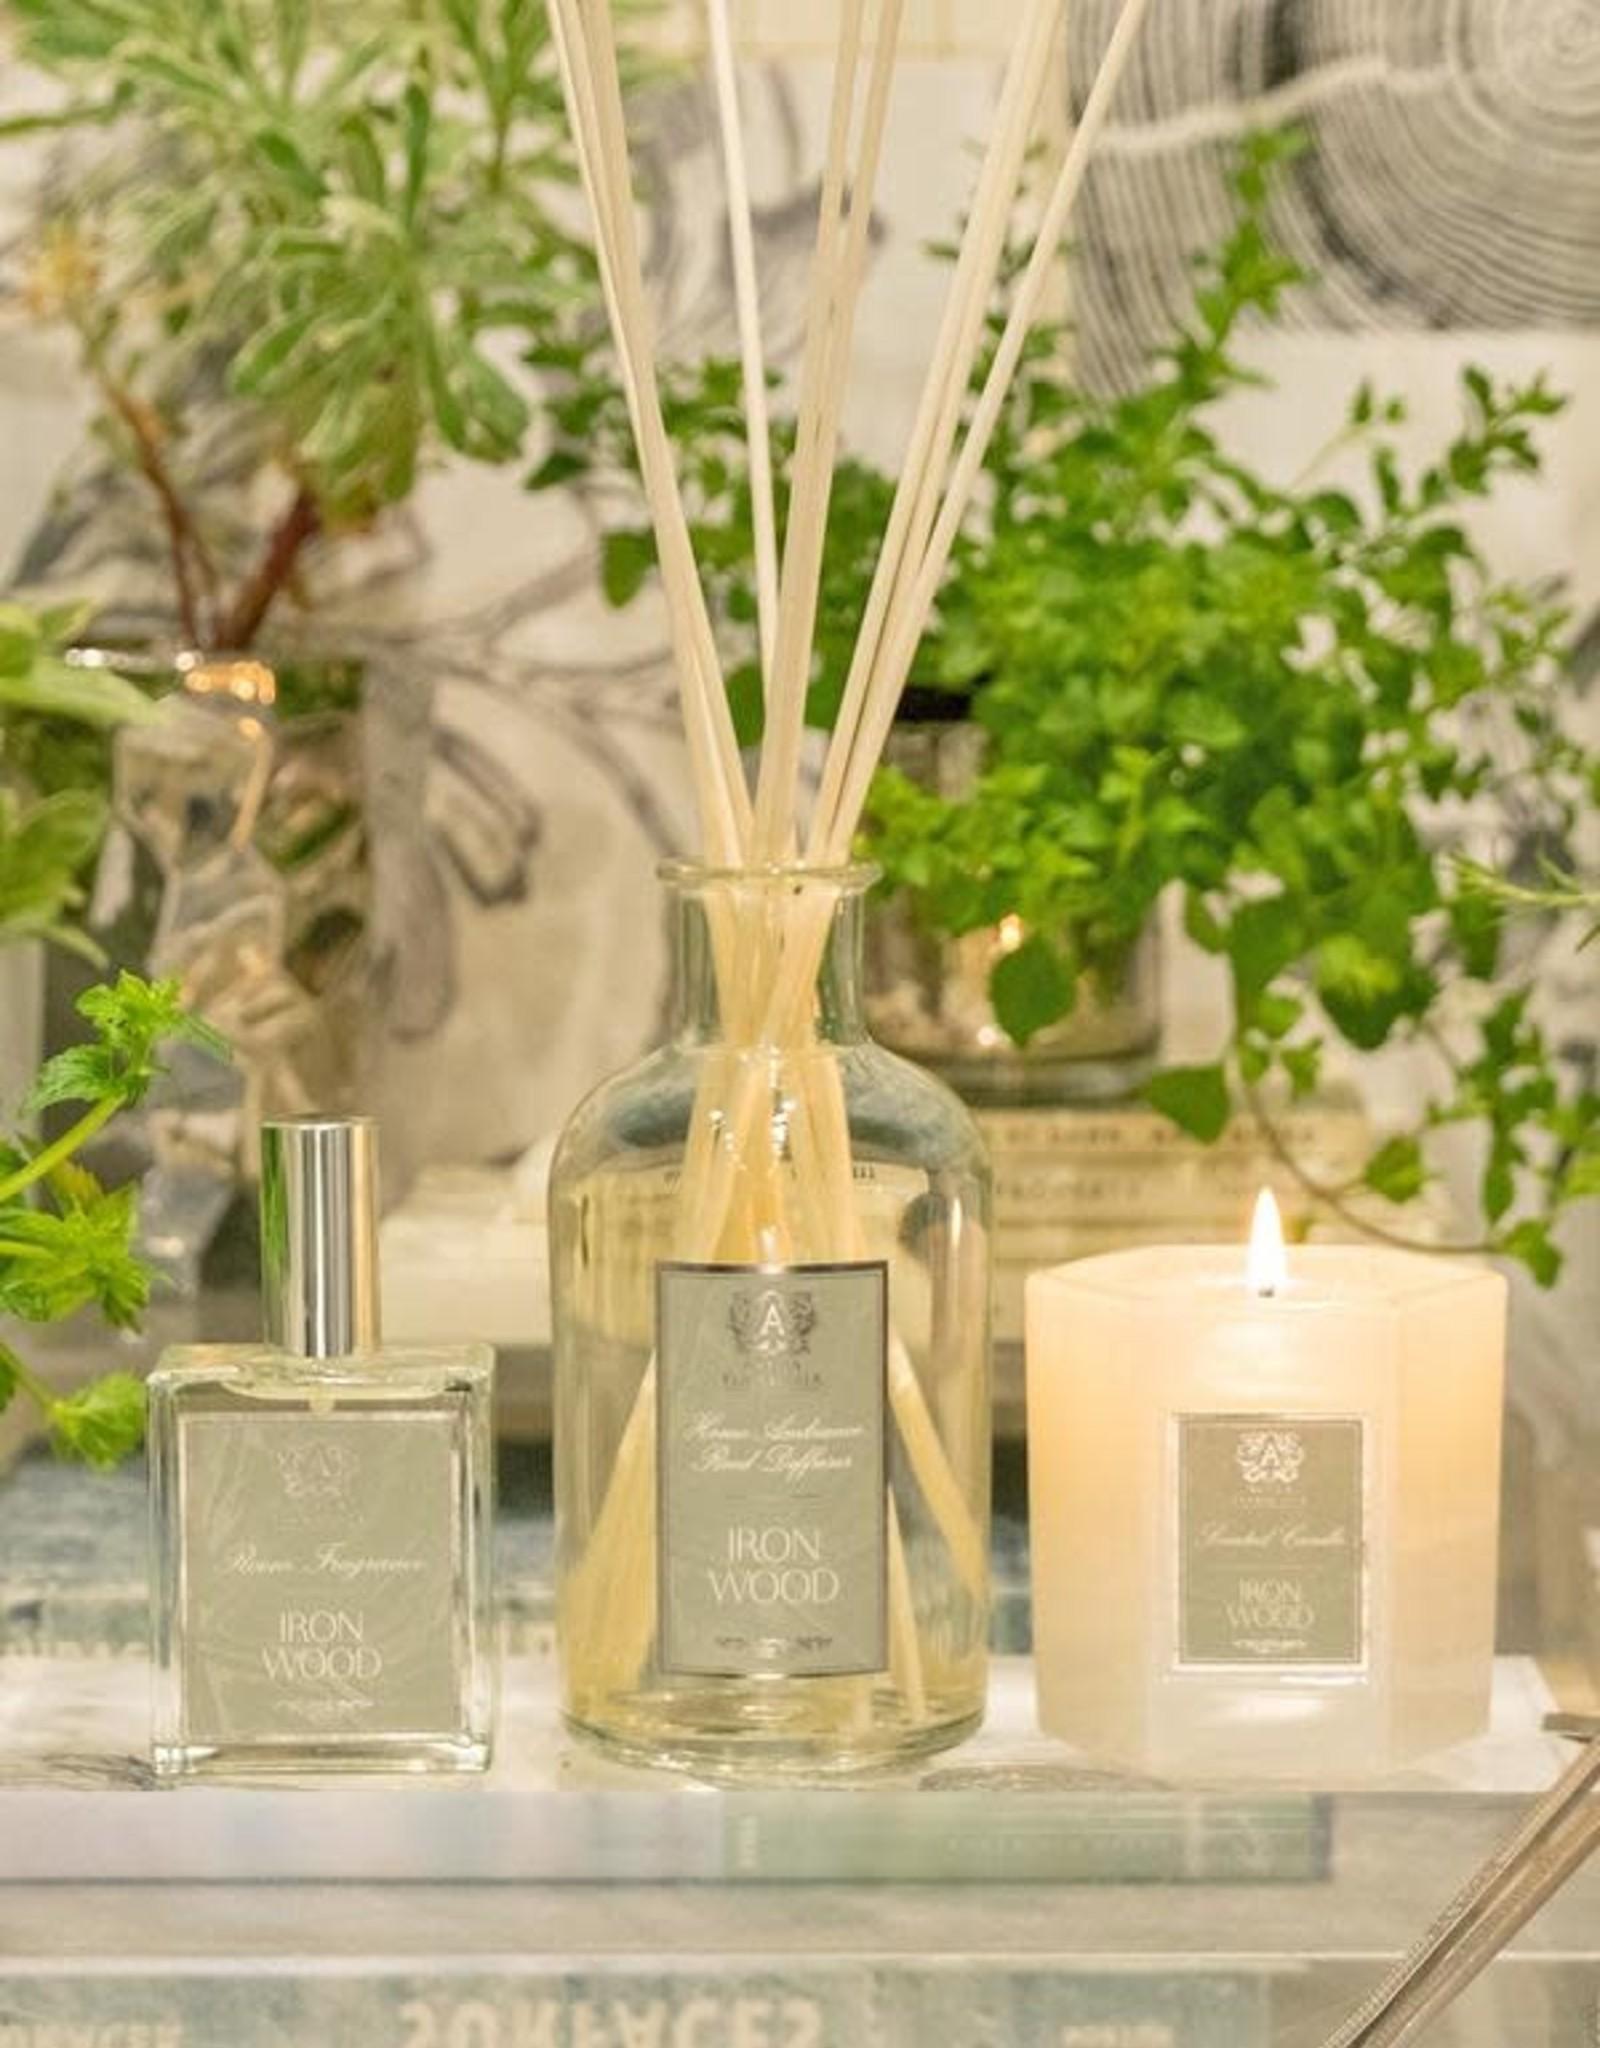 A-Farm Iron Wood Room Fragrance